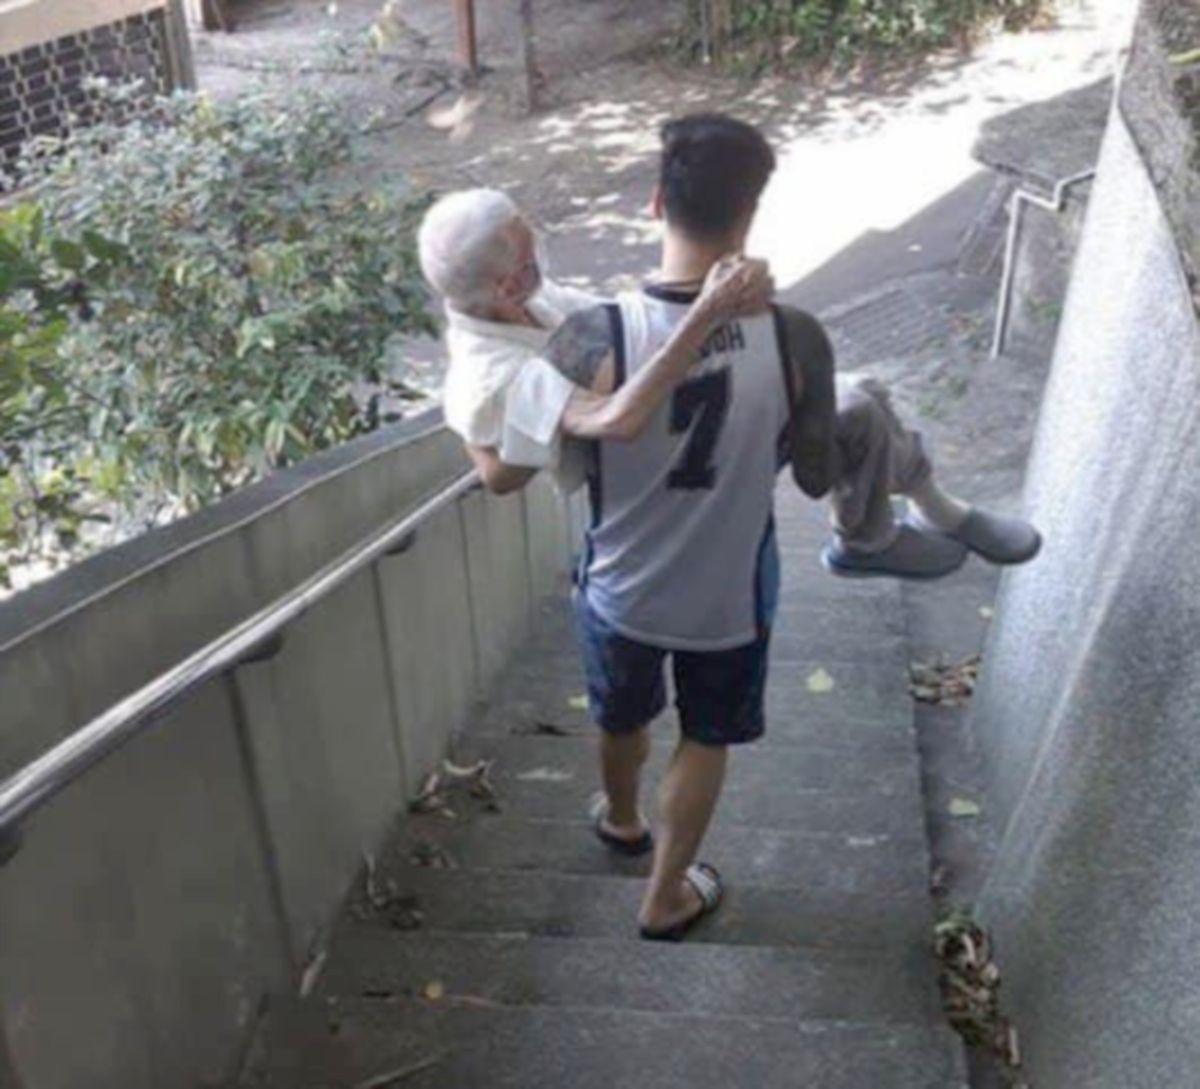 GAMBAR pemuda yang menggendong datuknya tular di media sosial.